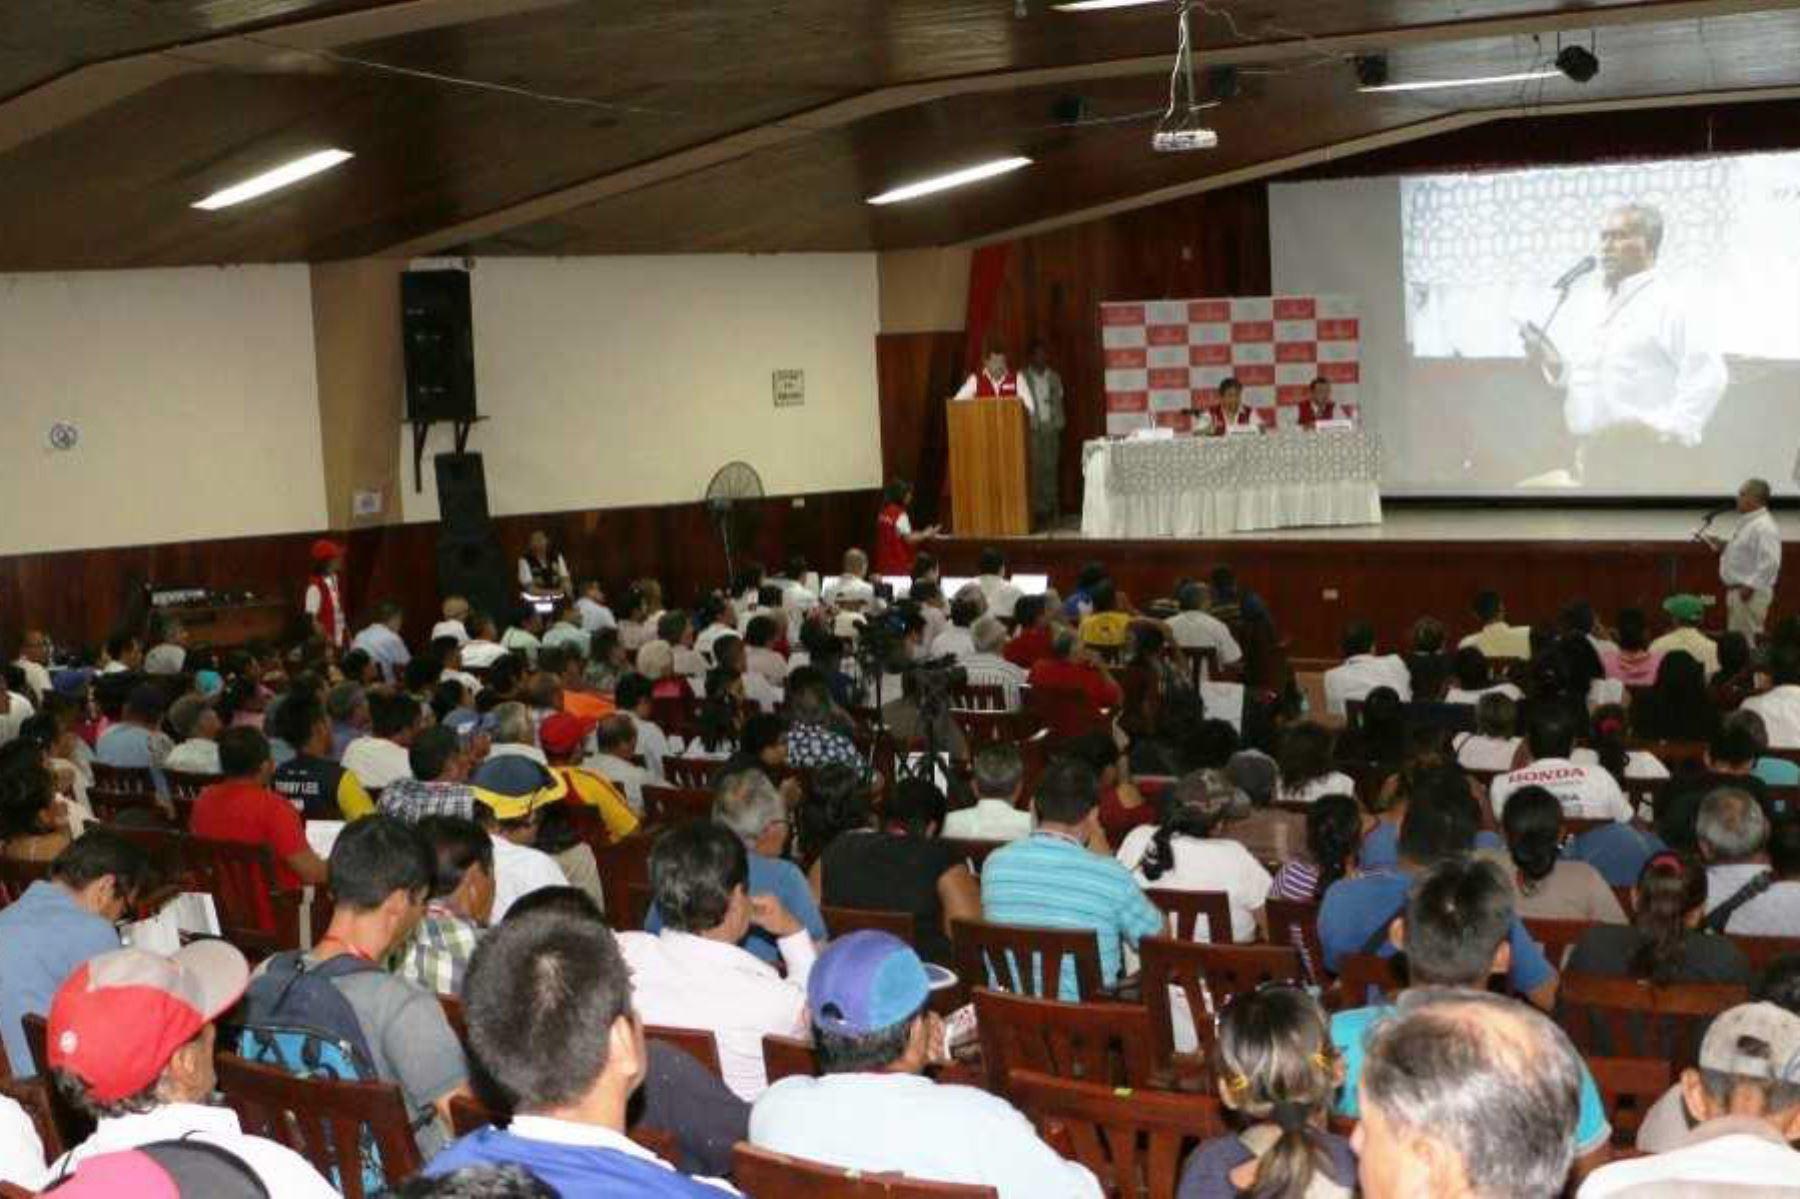 La Contraloría General de la República realizará el 18, 19 y 20 de abril audiencias públicas regionales en Piura, Lambayeque y La Libertad, respectivamente, con la finalidad de promover la participación ciudadana en el ejercicio del control gubernamental.